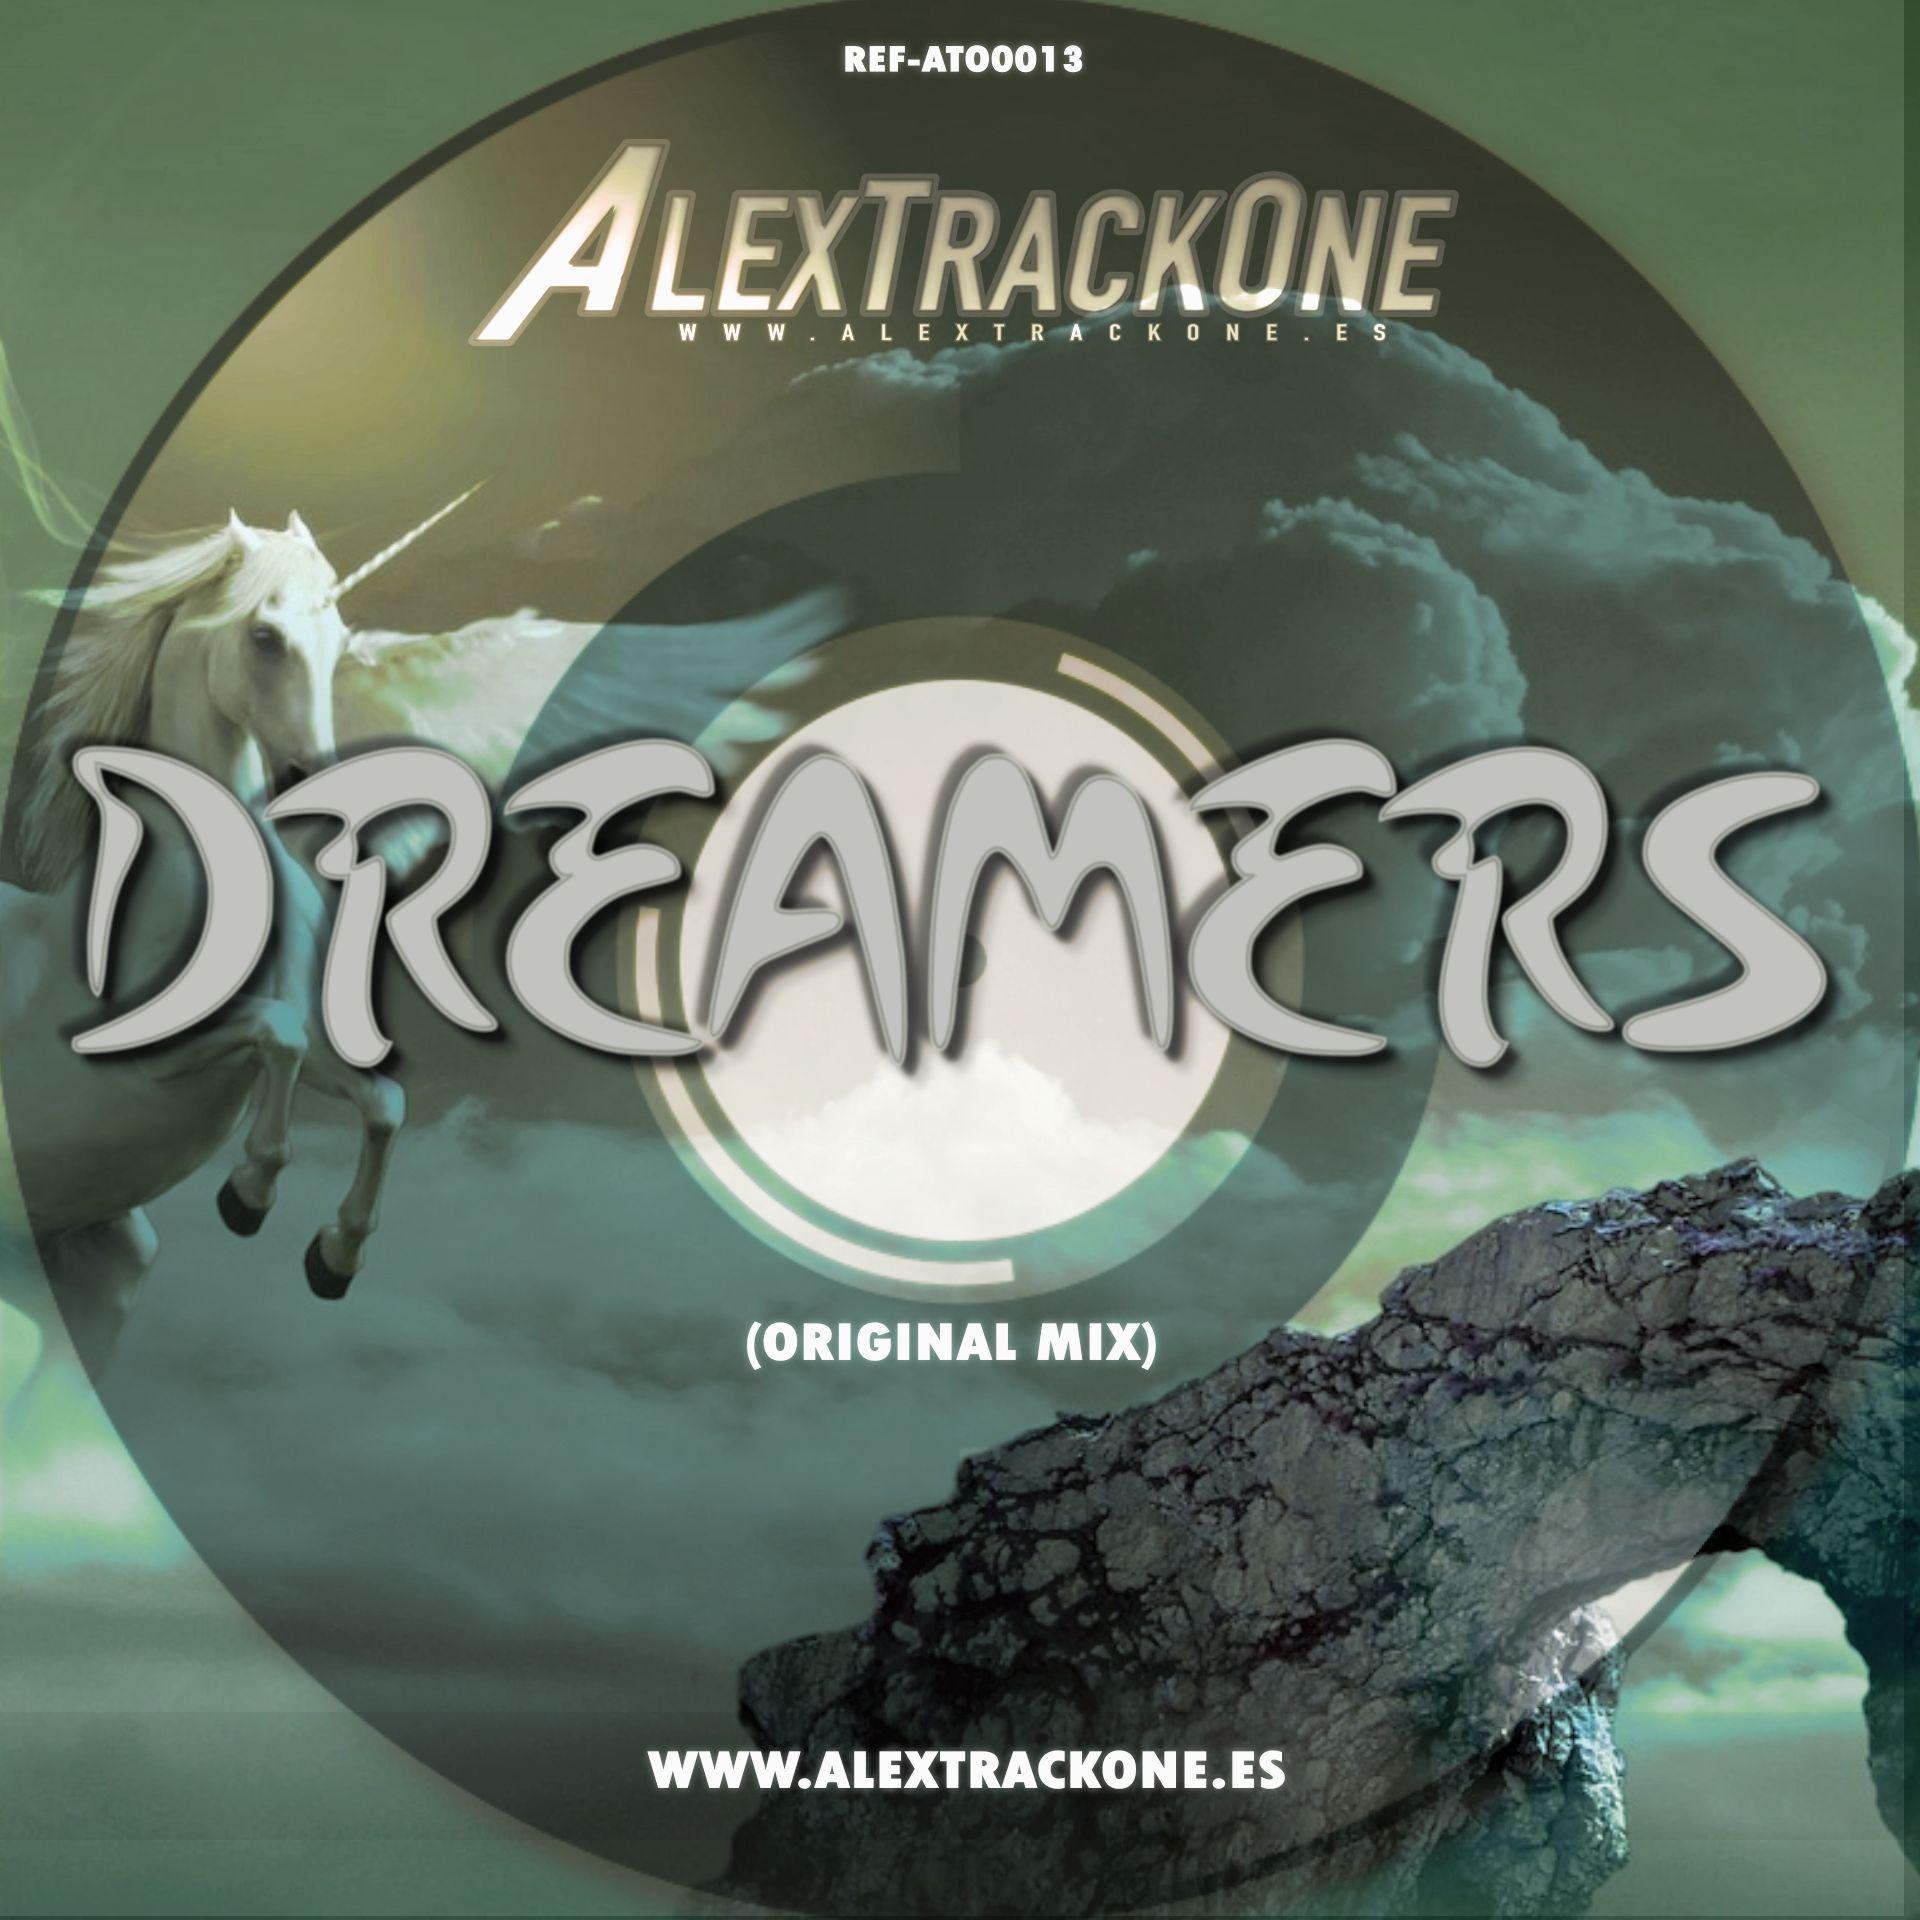 REF-ATO0013 DREAMERS (ORIGINAL MIX) (MP3 & WAV)